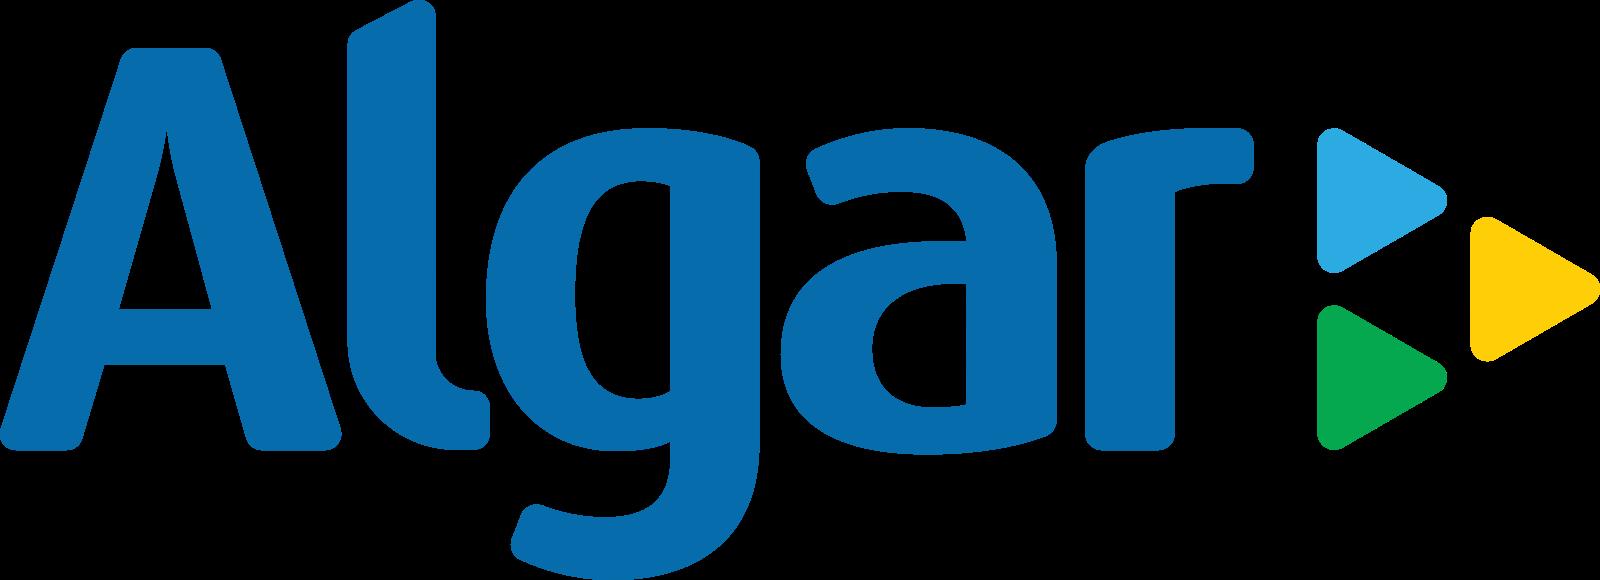 Algar Logo.